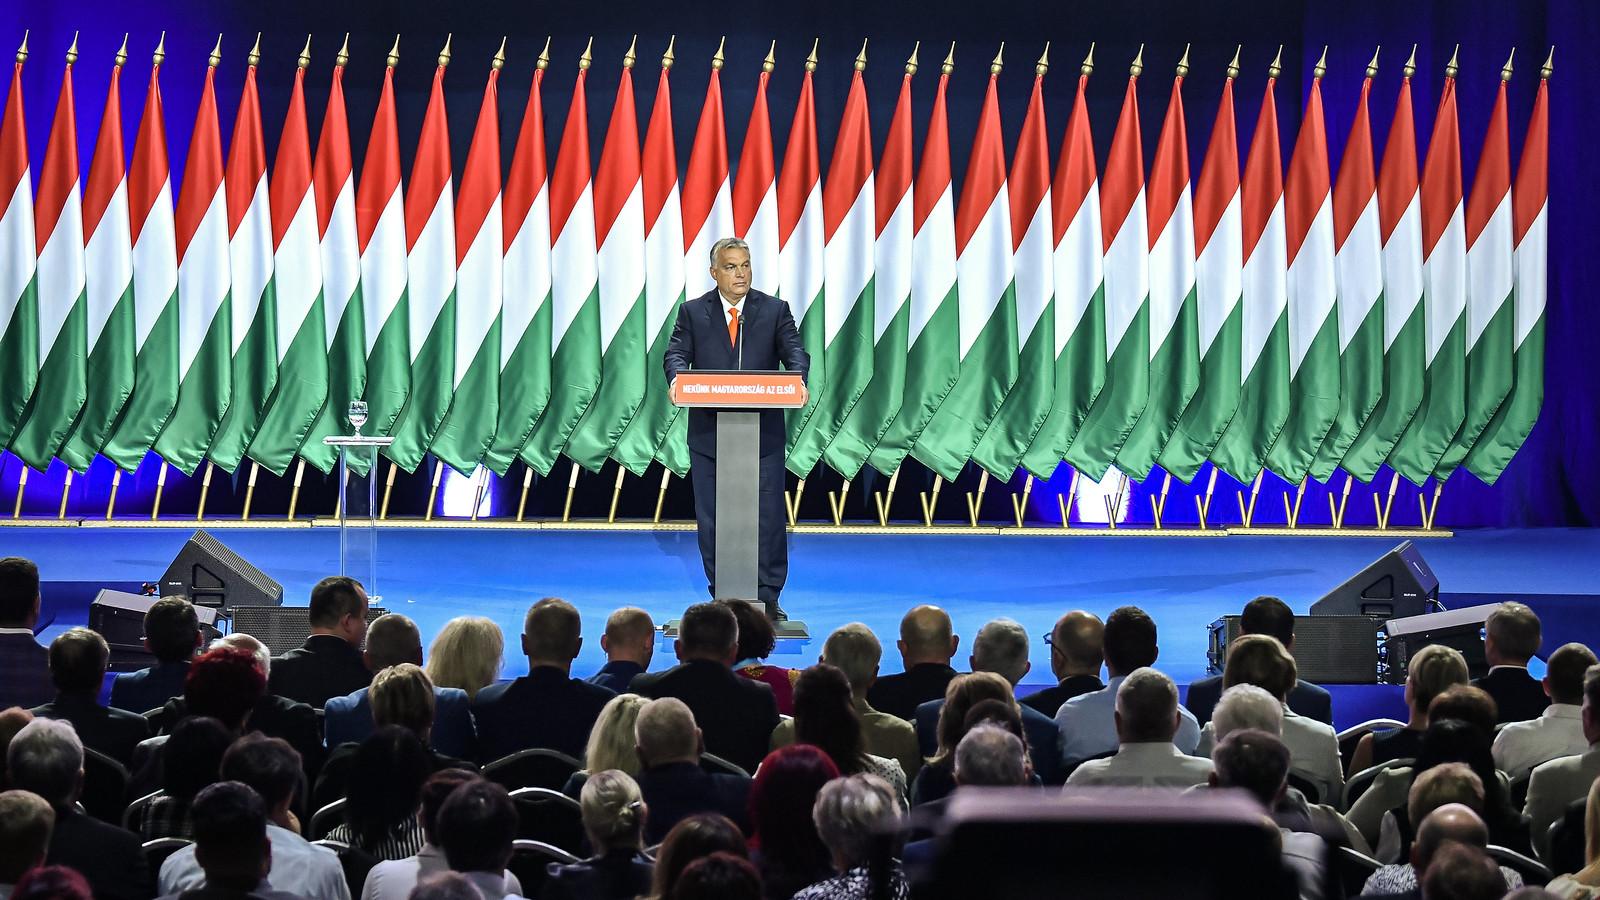 Orbán Szegedről: nem értjük, miért akarnak migránsvárossá válni